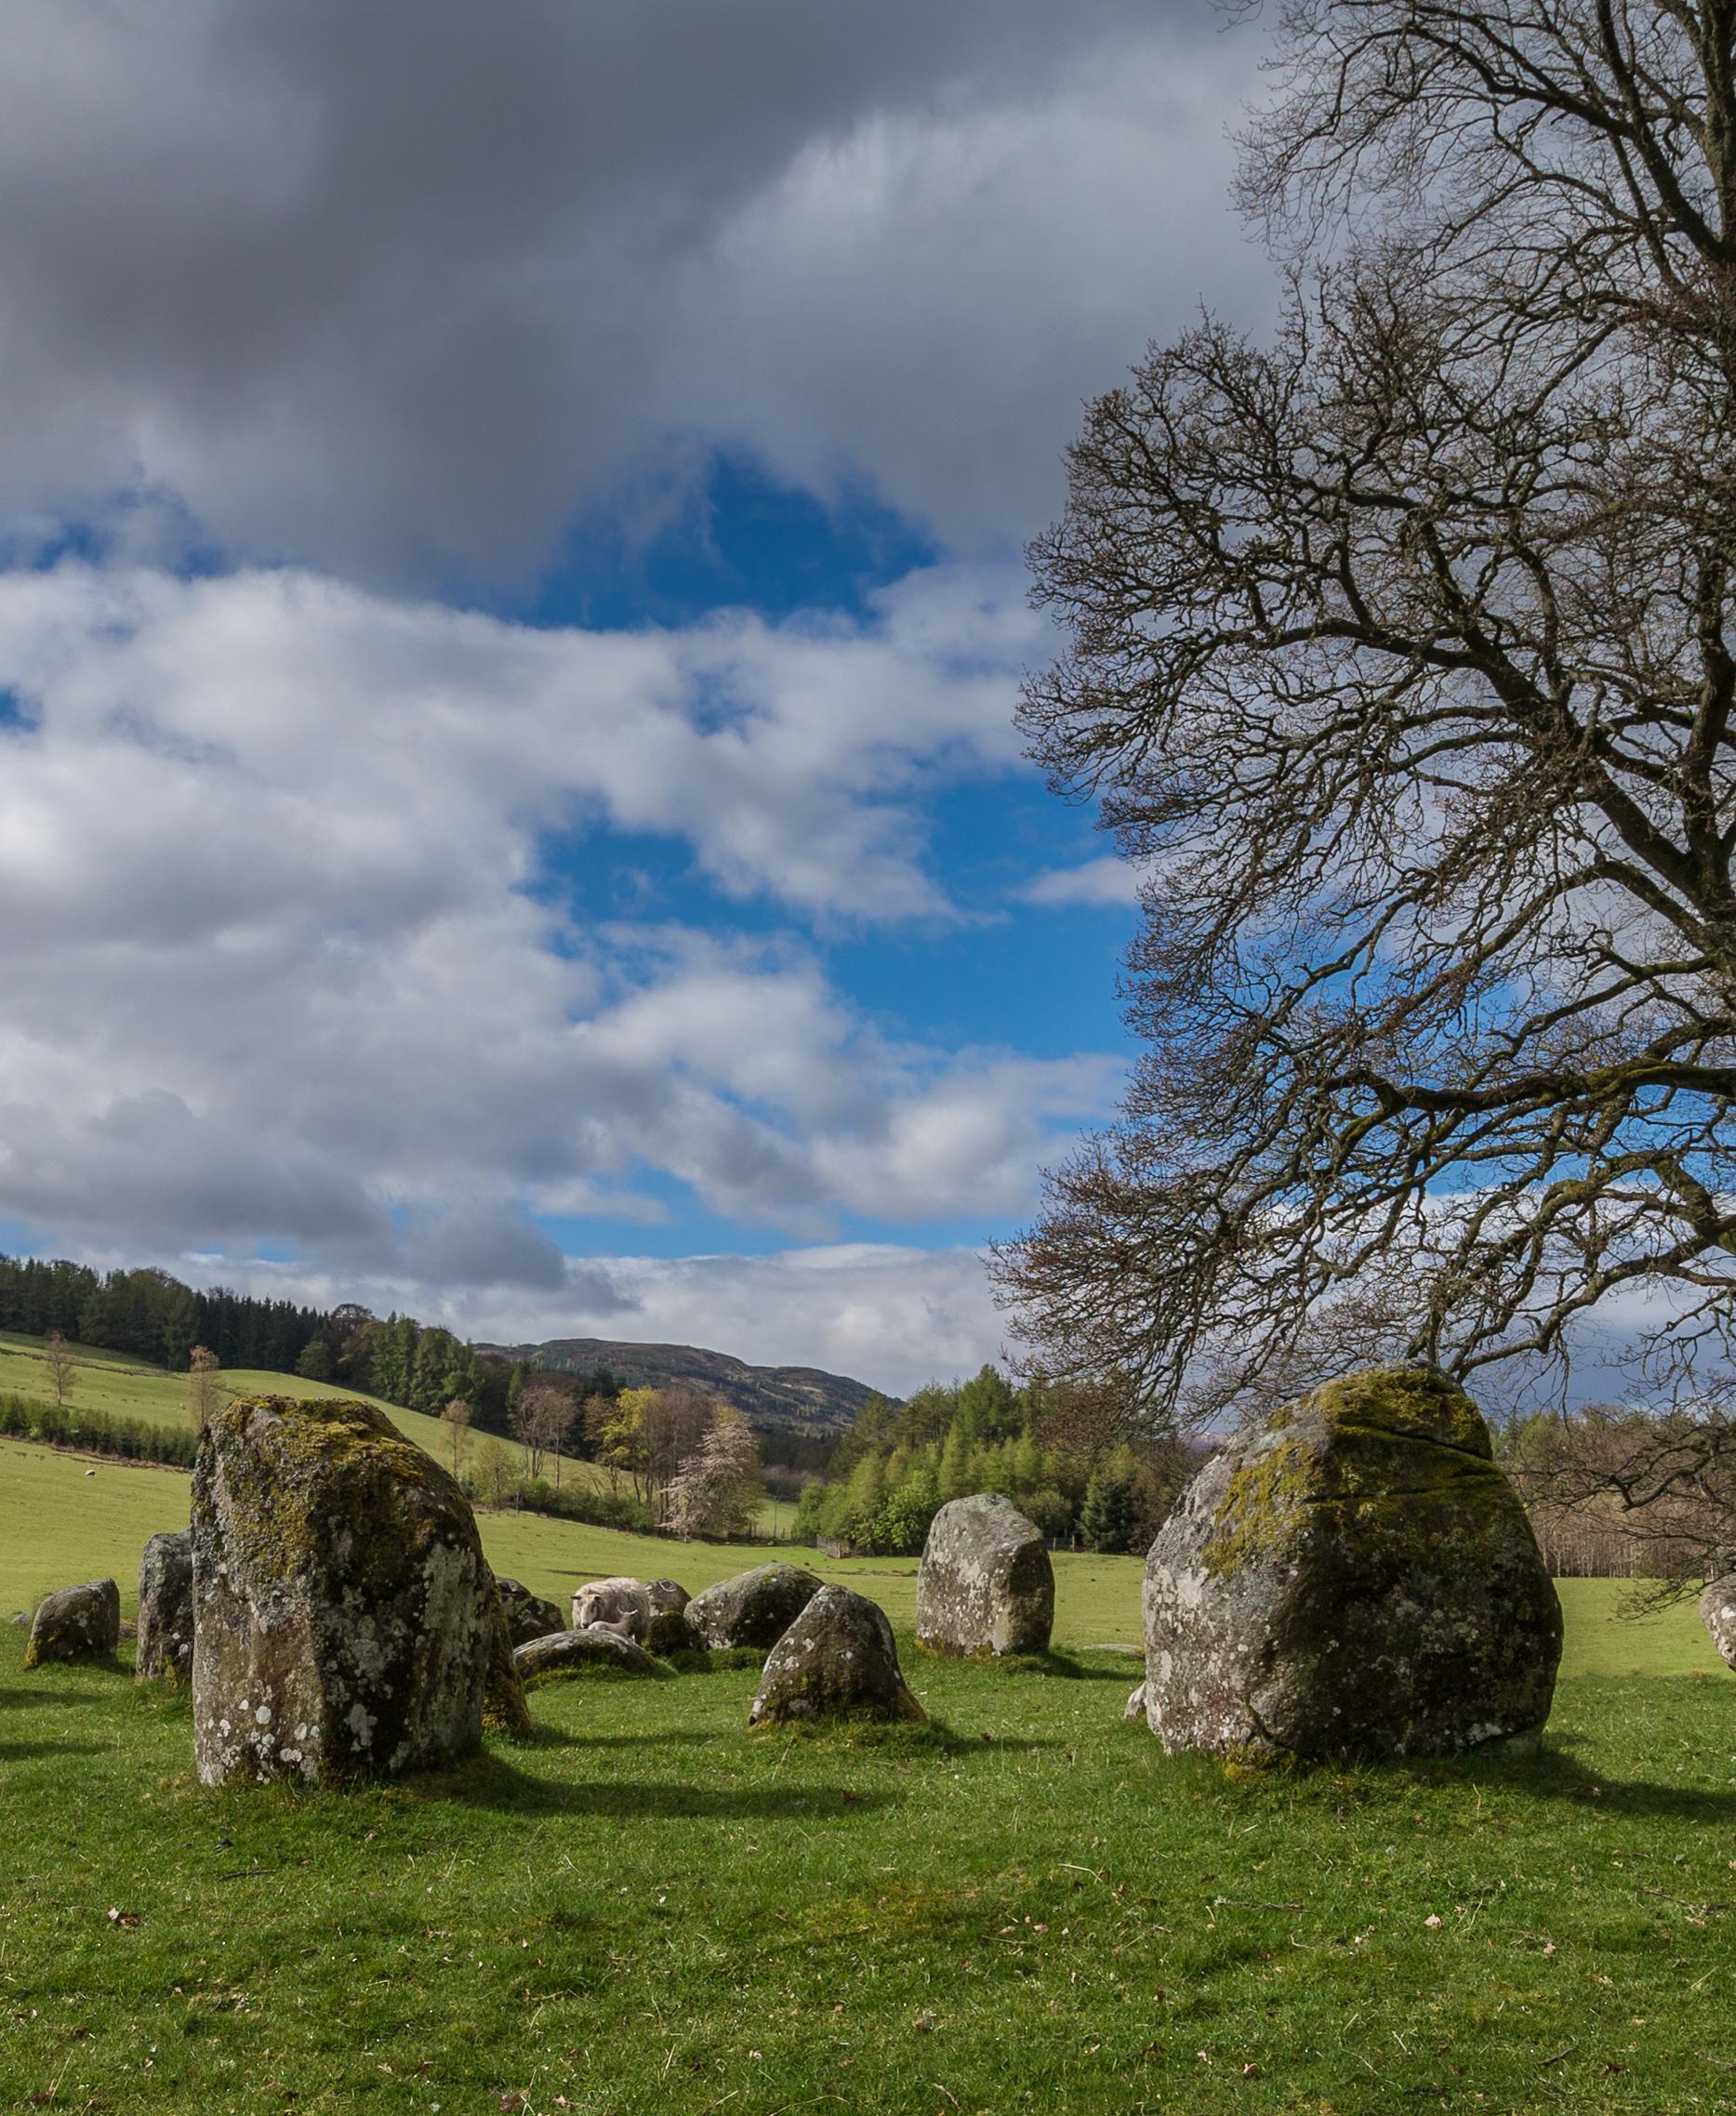 croft moraig loch tay scotland © jennifer bailey 2015